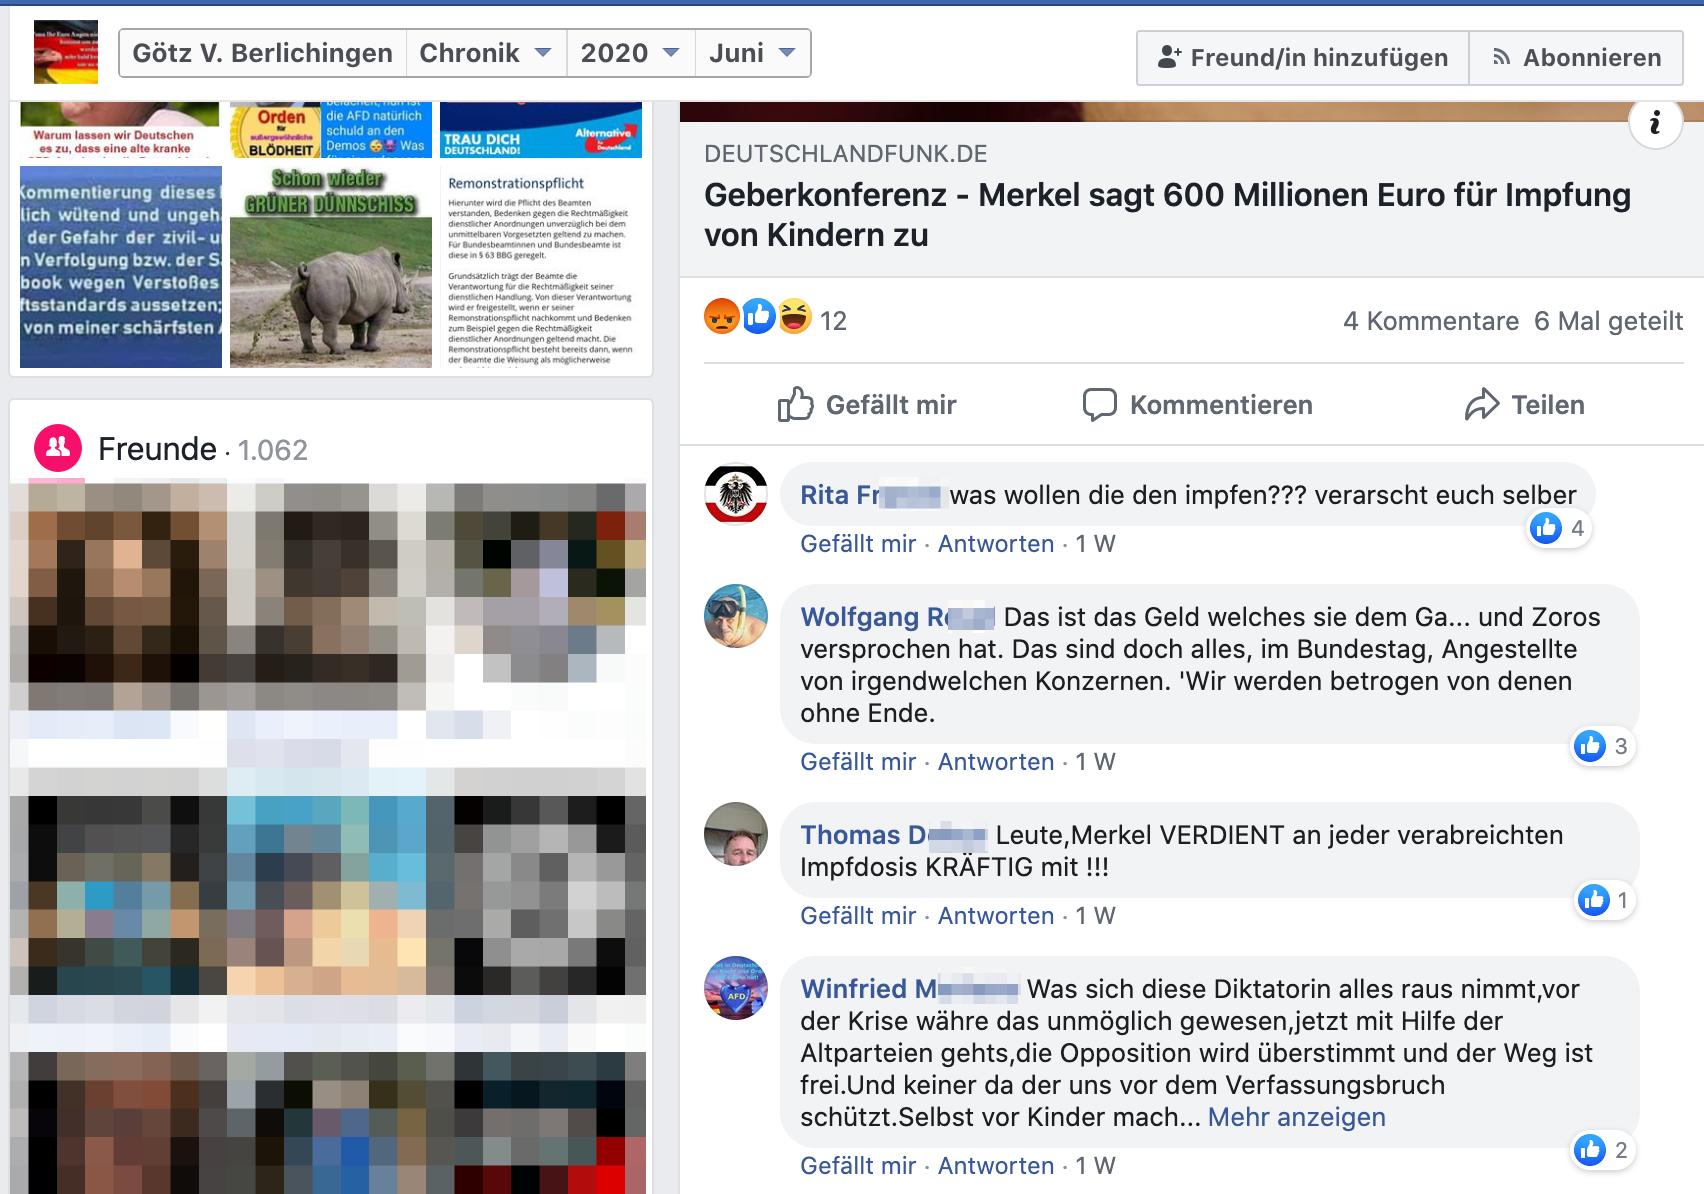 FB-Profil Götz V. Berlichingen zwischen Verschwörungsmythen und Nazi-Schrott